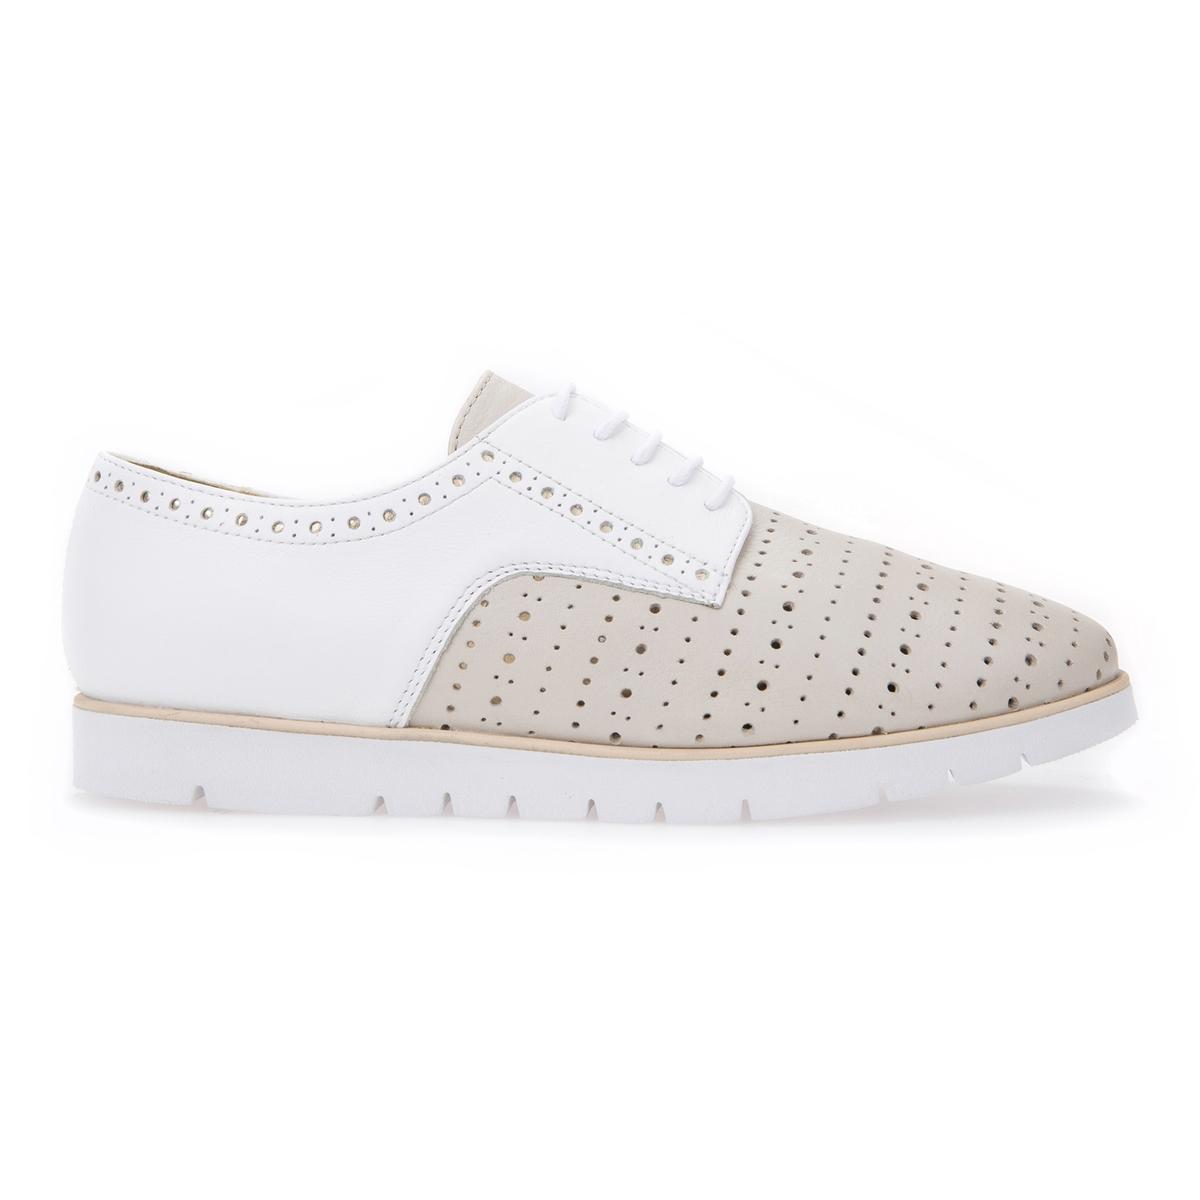 Ботинки-дерби кожаные D KOOKEAN D ботинки дерби d janalee a